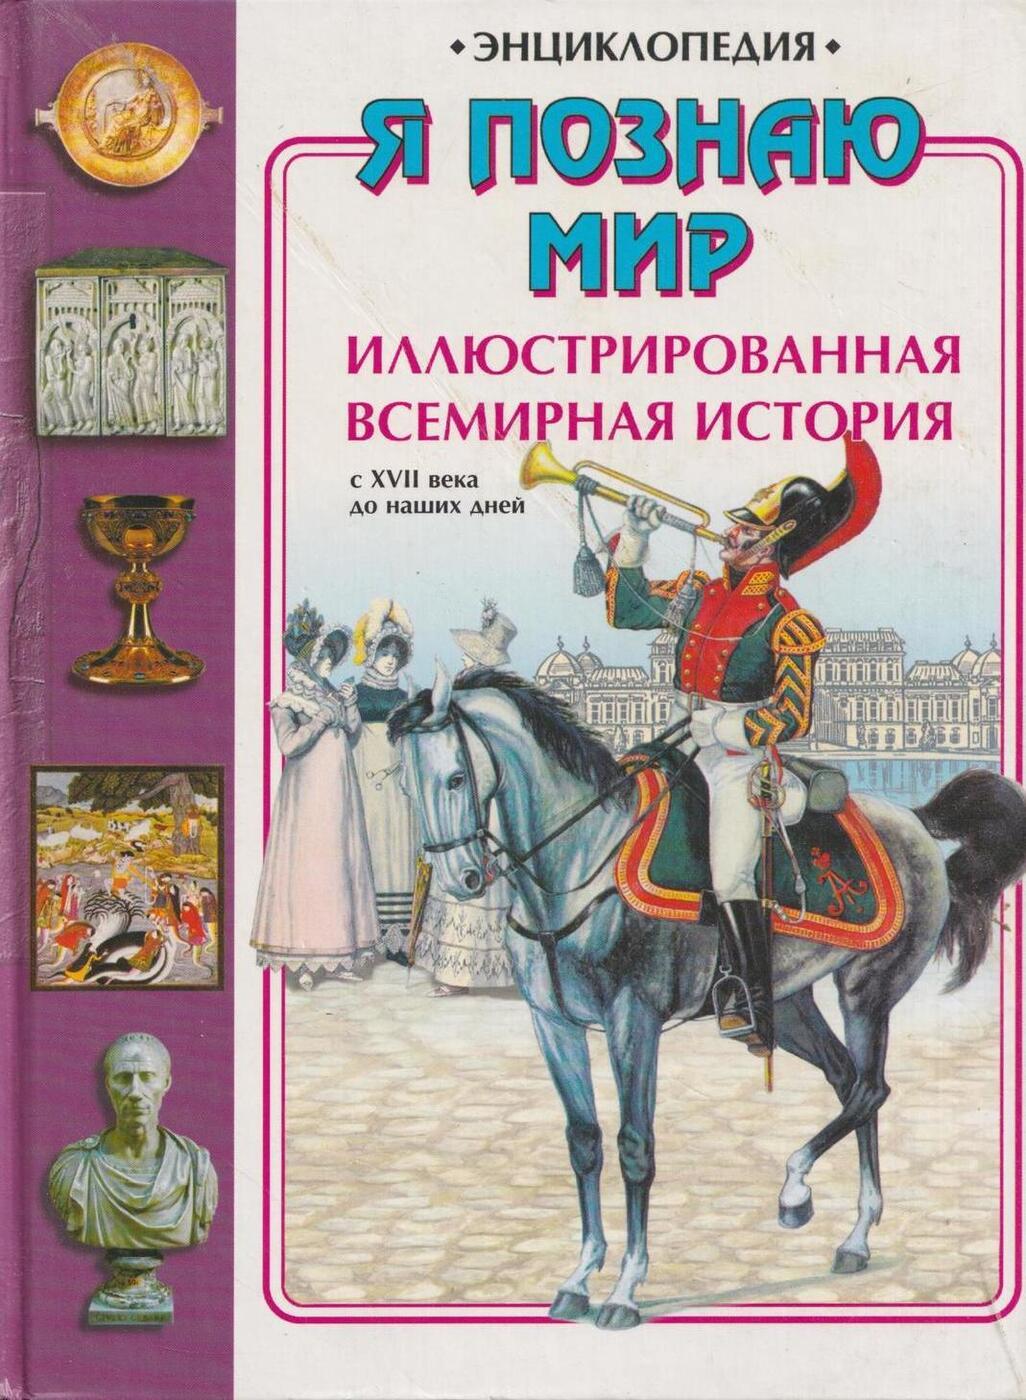 Я познаю мир: Иллюстрированная всемирная история с XVII века до наших дней